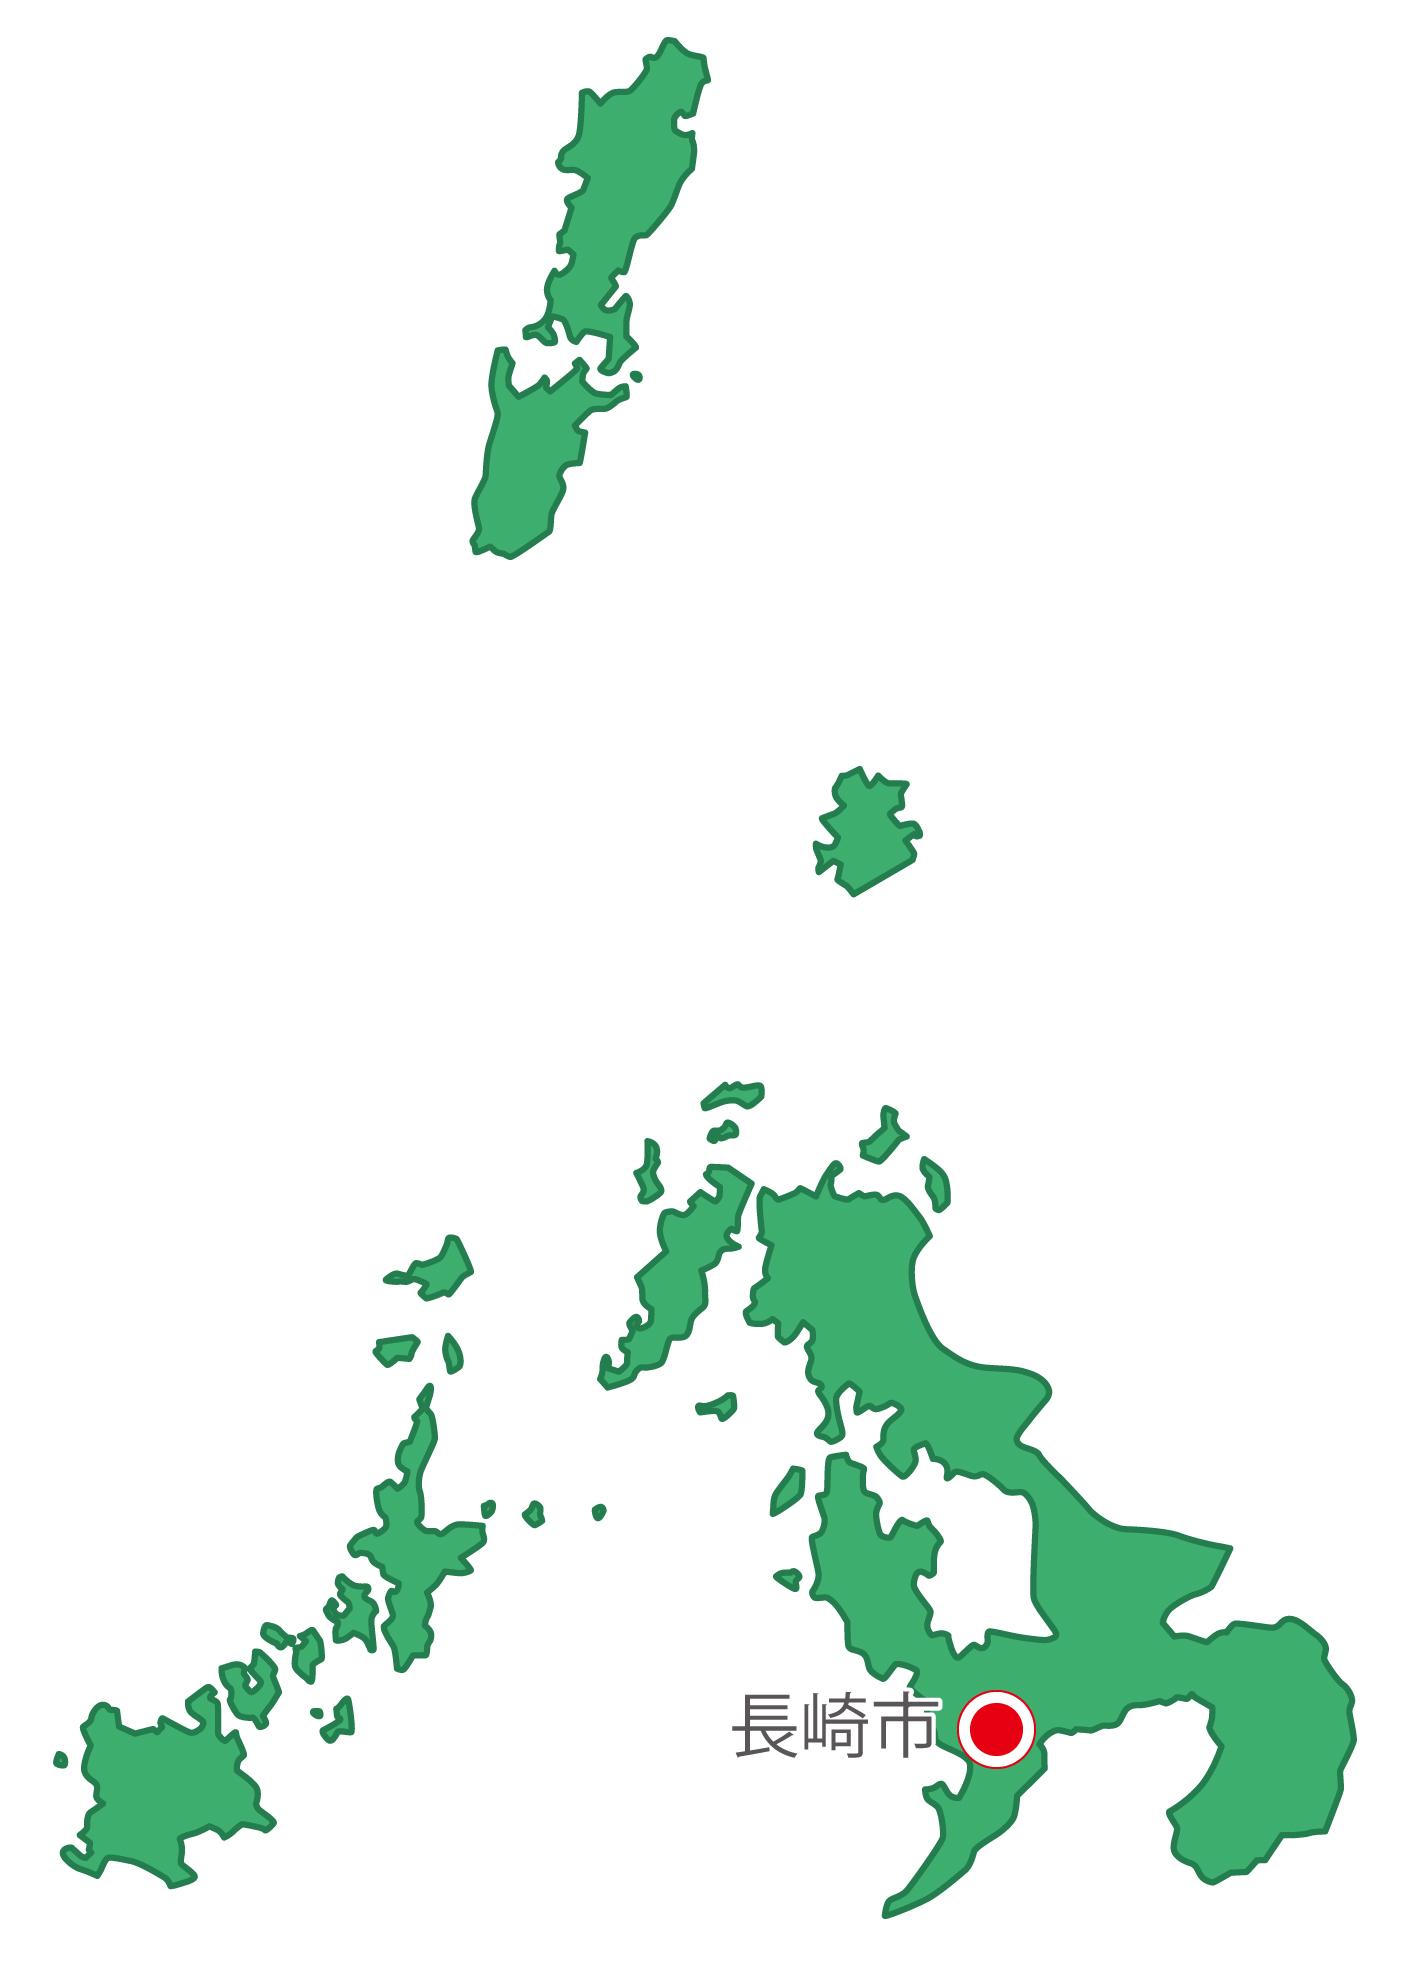 長崎県無料フリーイラスト|日本語・県庁所在地あり(緑)